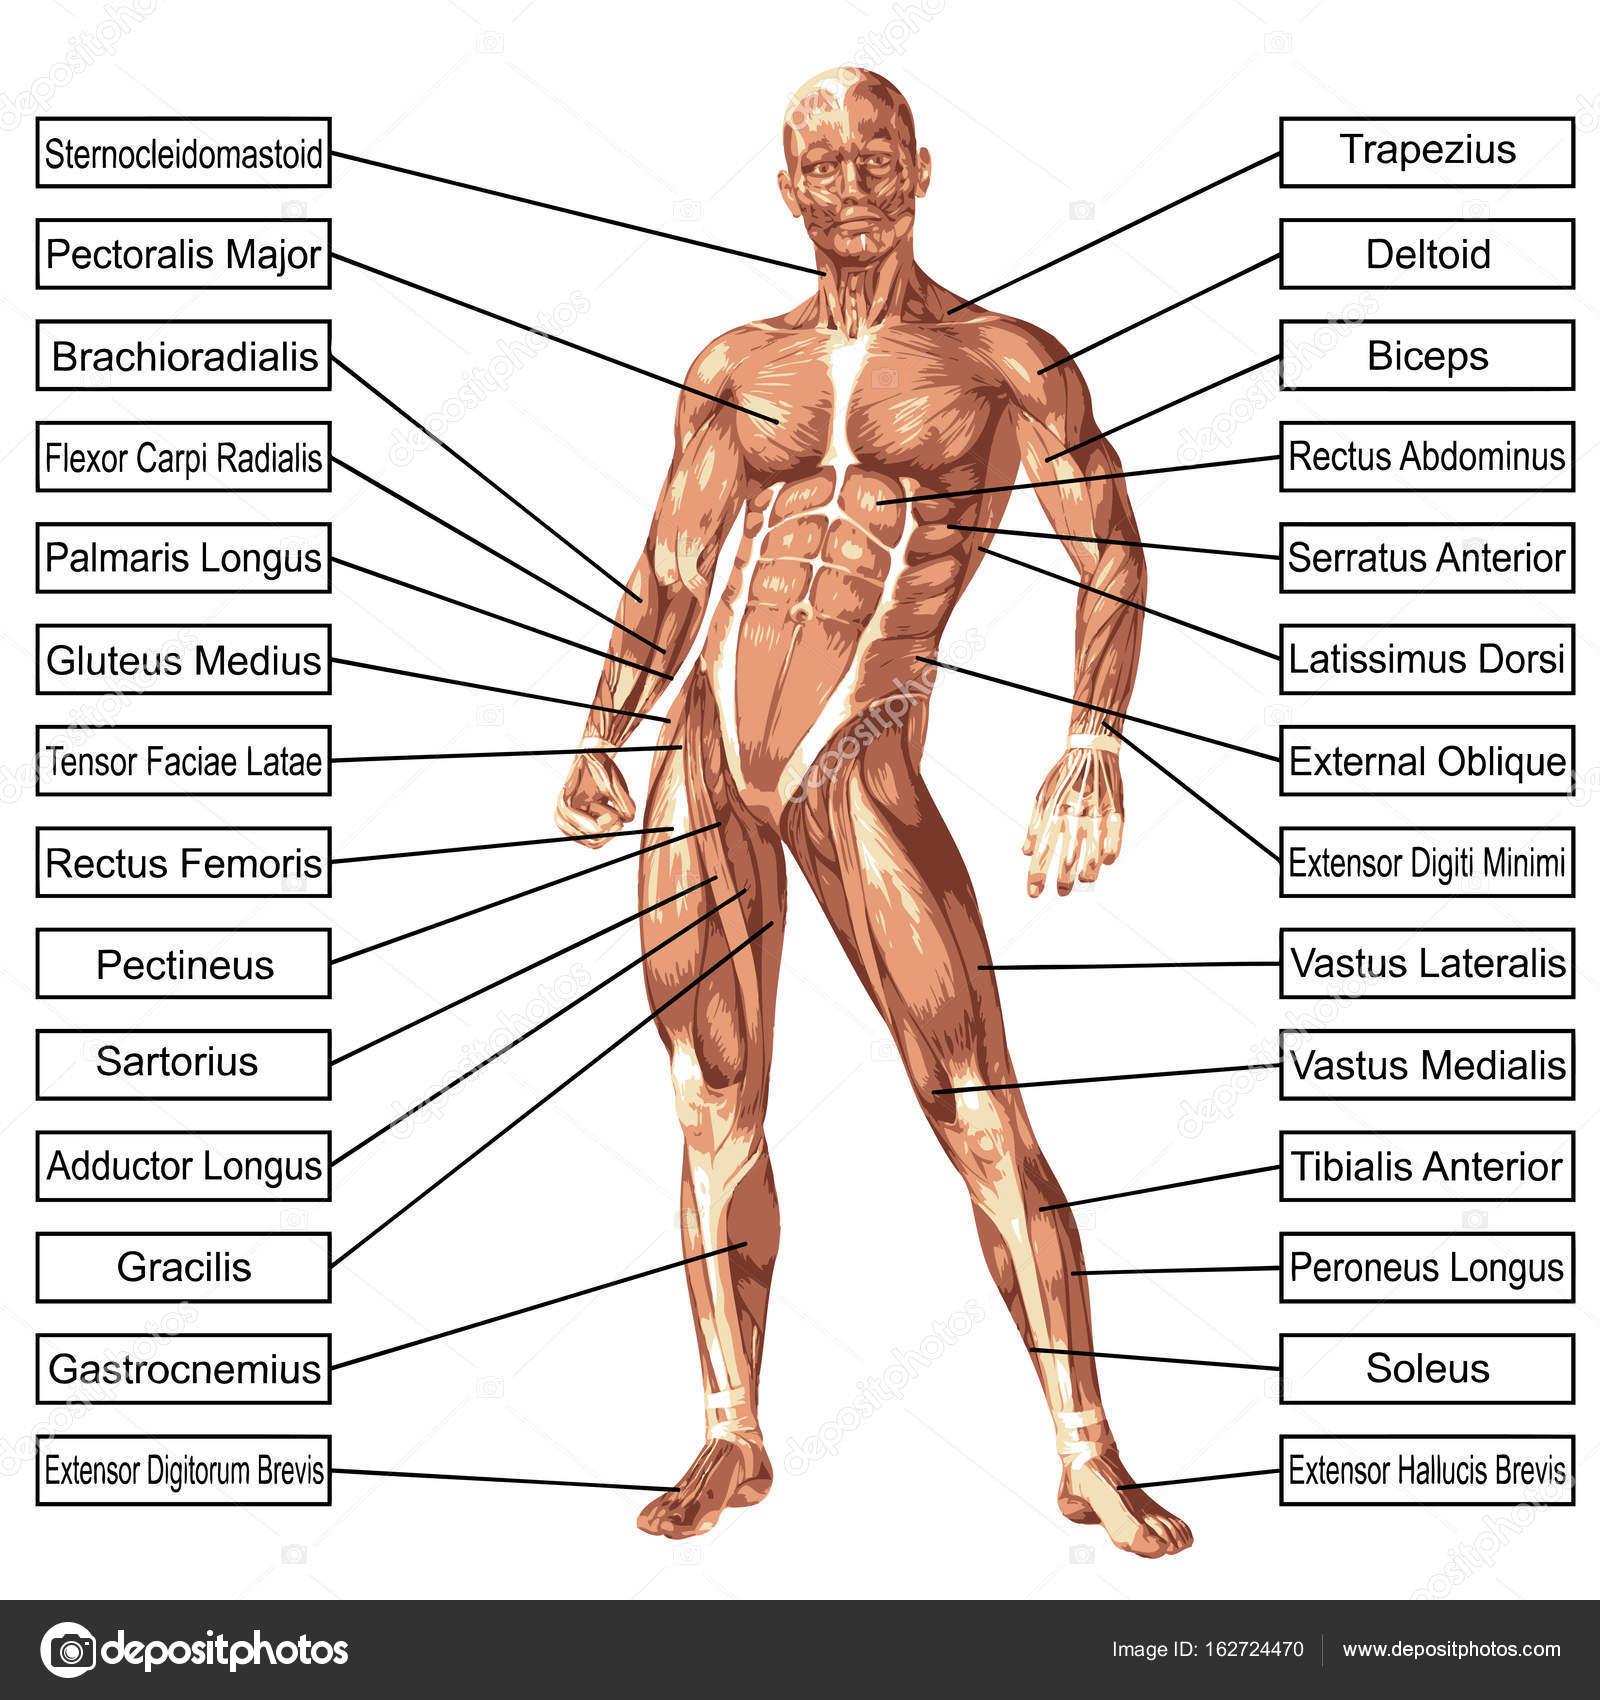 menschliche Anatomie Abbildung — Stockfoto © design36 #162724470